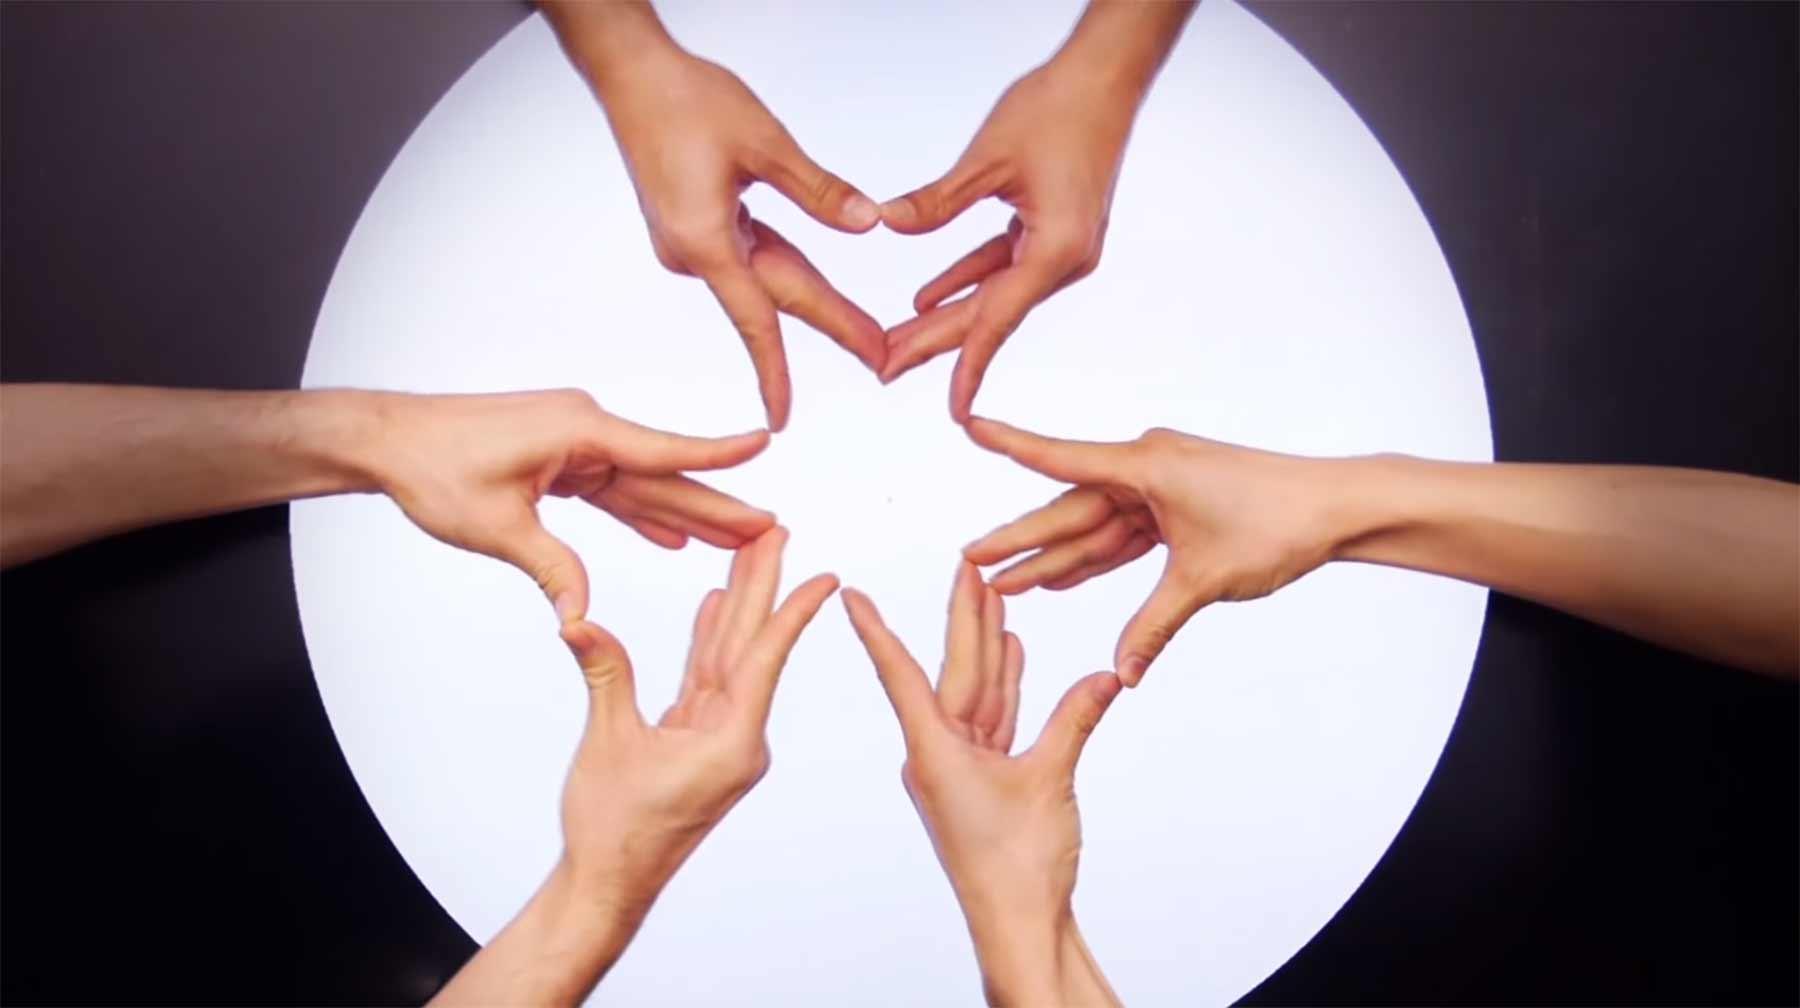 Noch ein Kaleidoskop aus Fingern